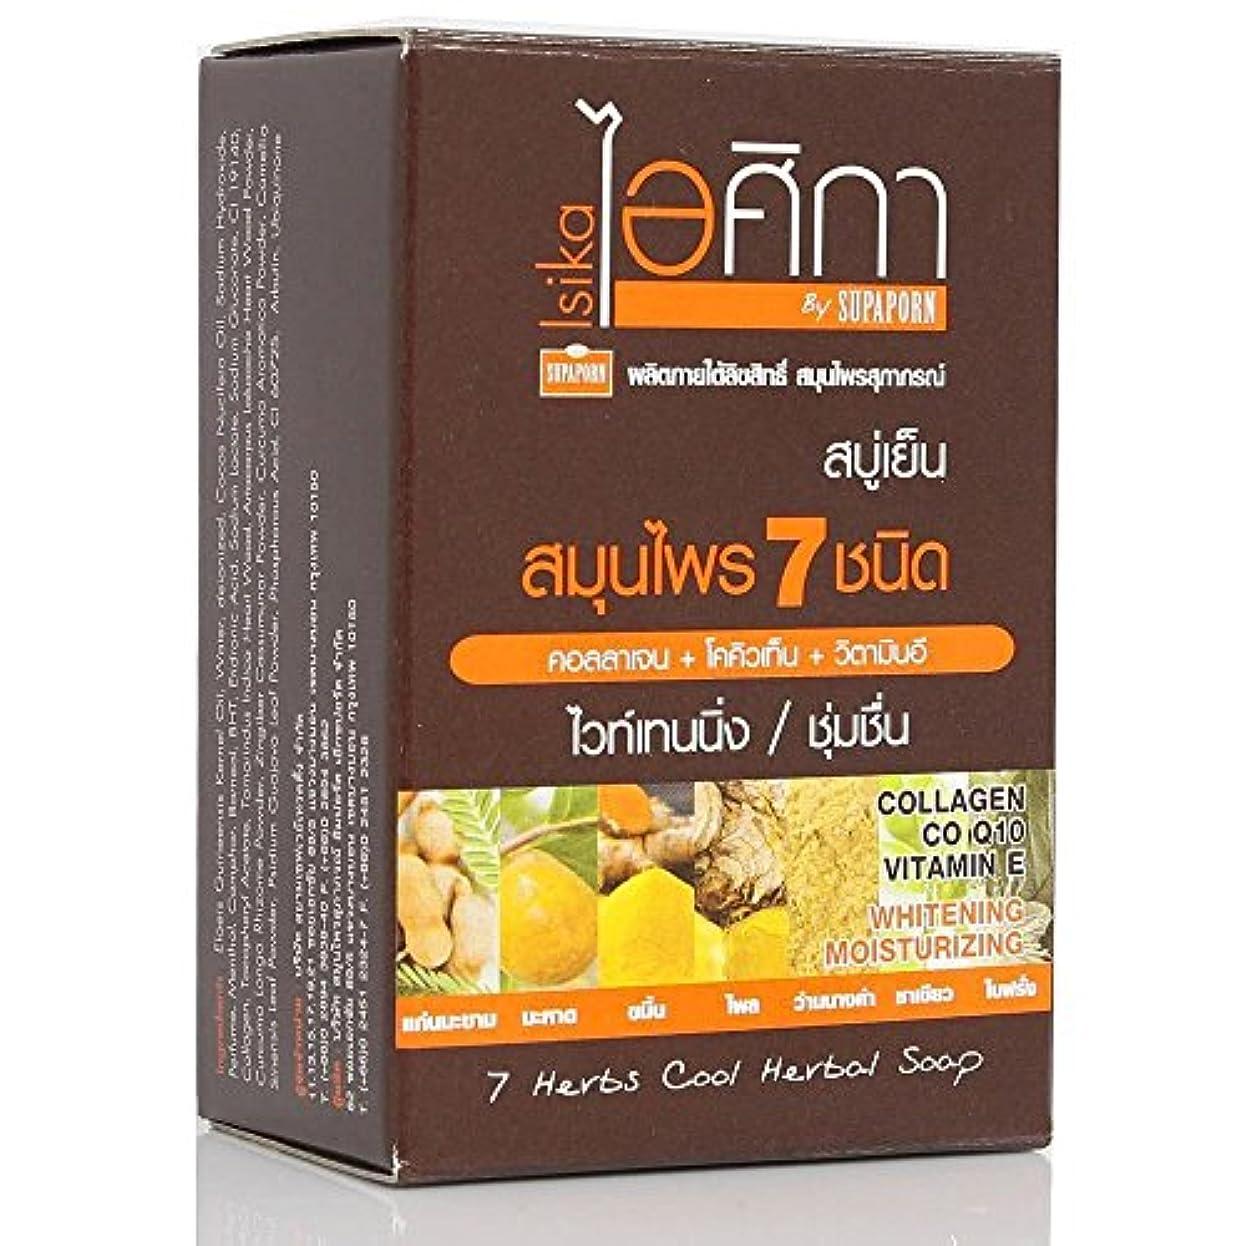 トランスペアレントヘビ英語の授業がありますIsika 7 herbs Cool Herbal Soap with Collagen, Co-enzyme Q10, Vitamin E 100g